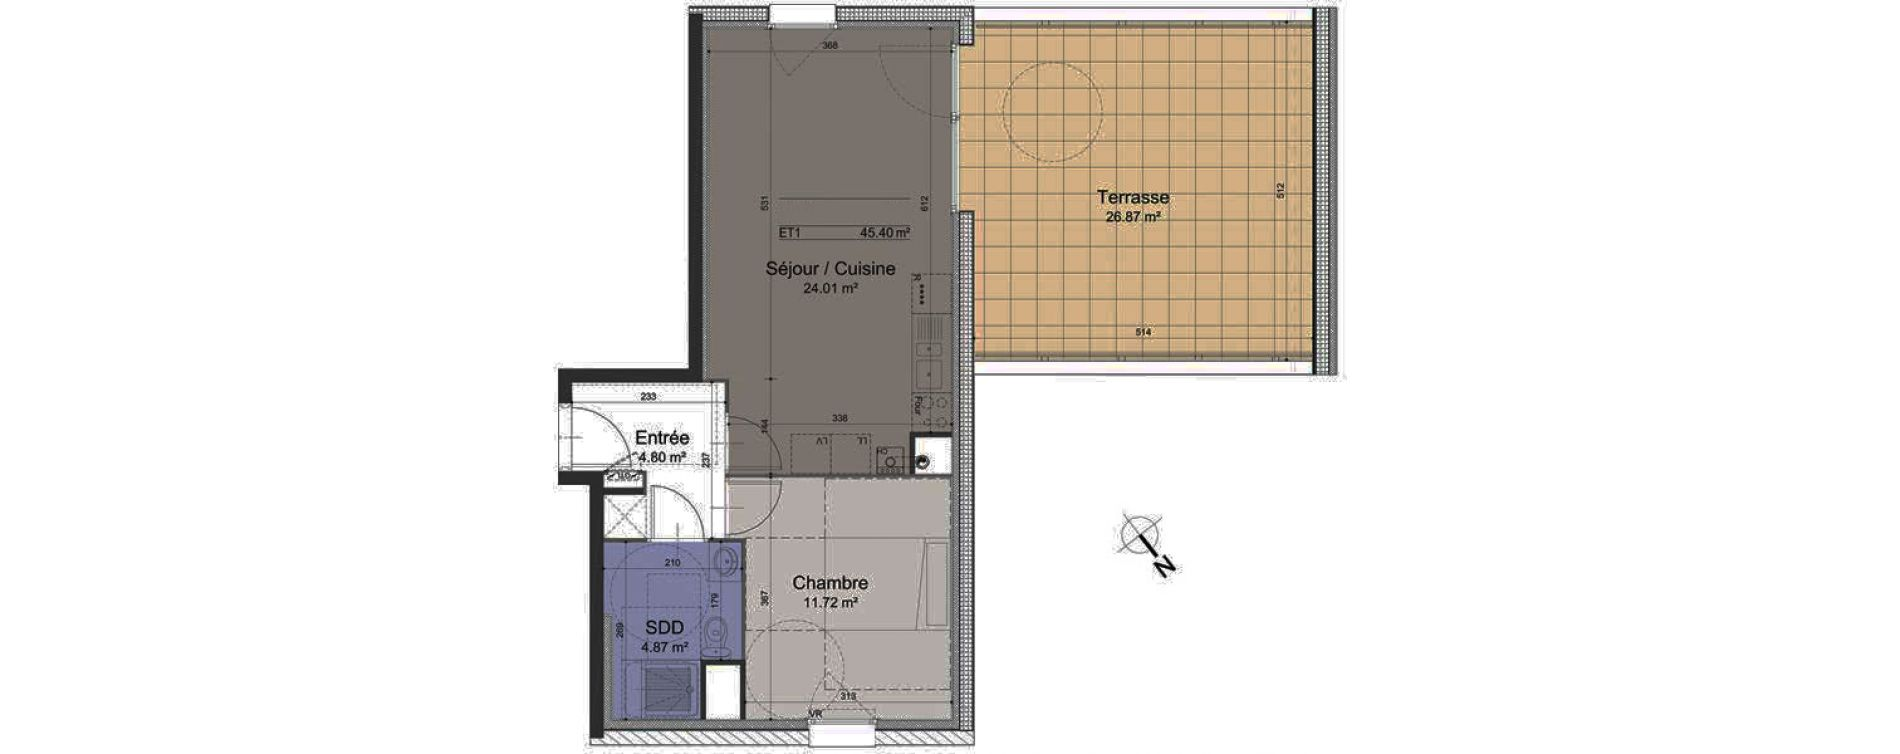 Appartement T2 de 45,40 m2 à Roubaix Roubaix vauban